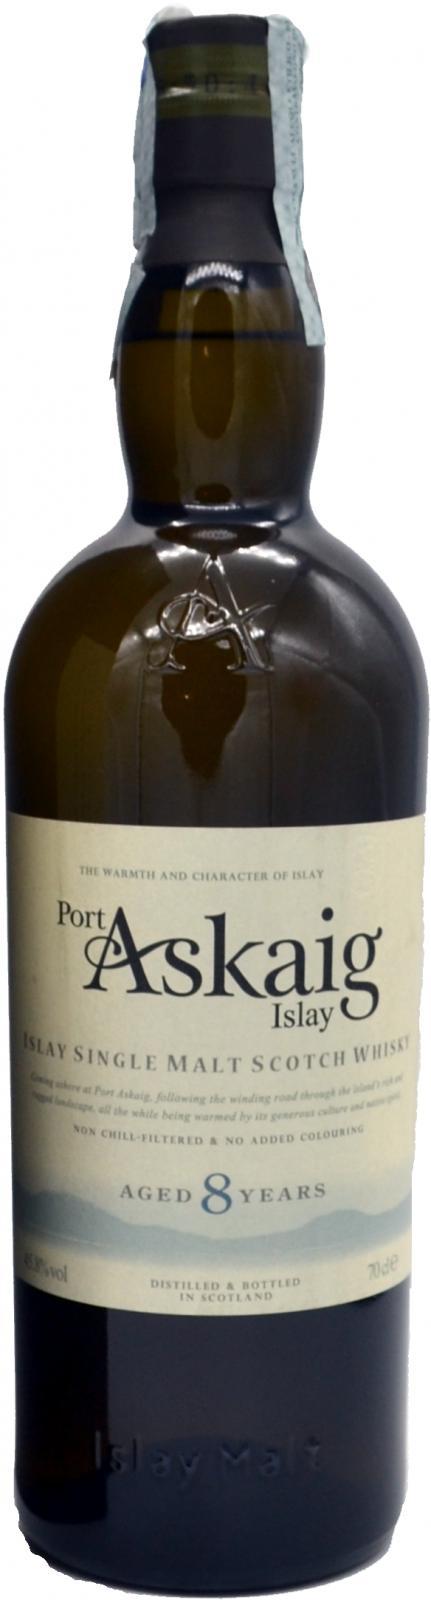 Port Askaig 08-year-old ElD